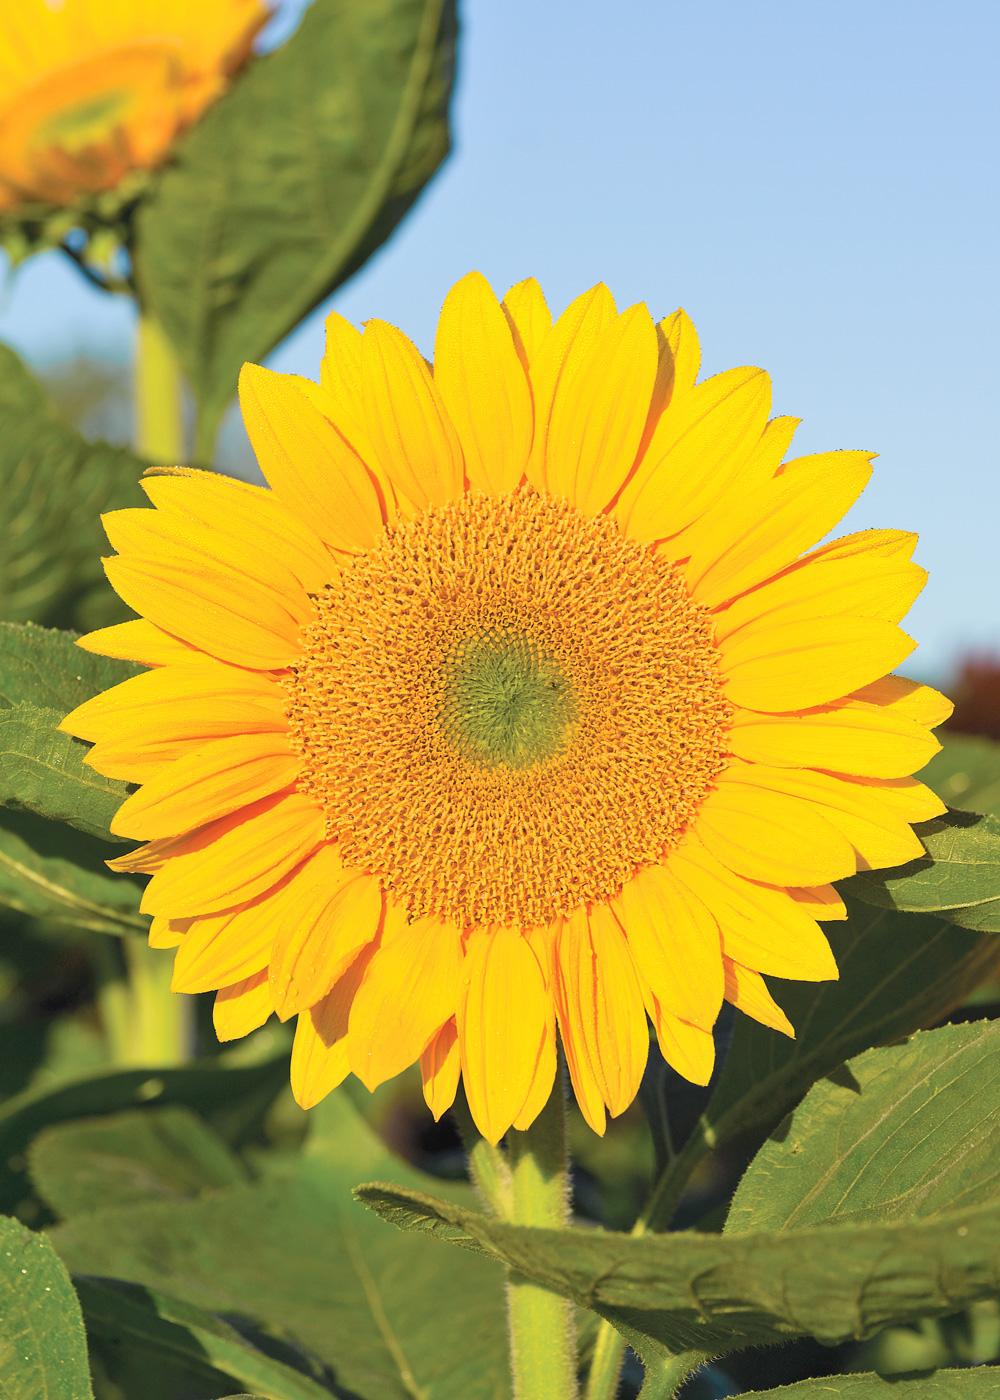 A sunflower for every garden